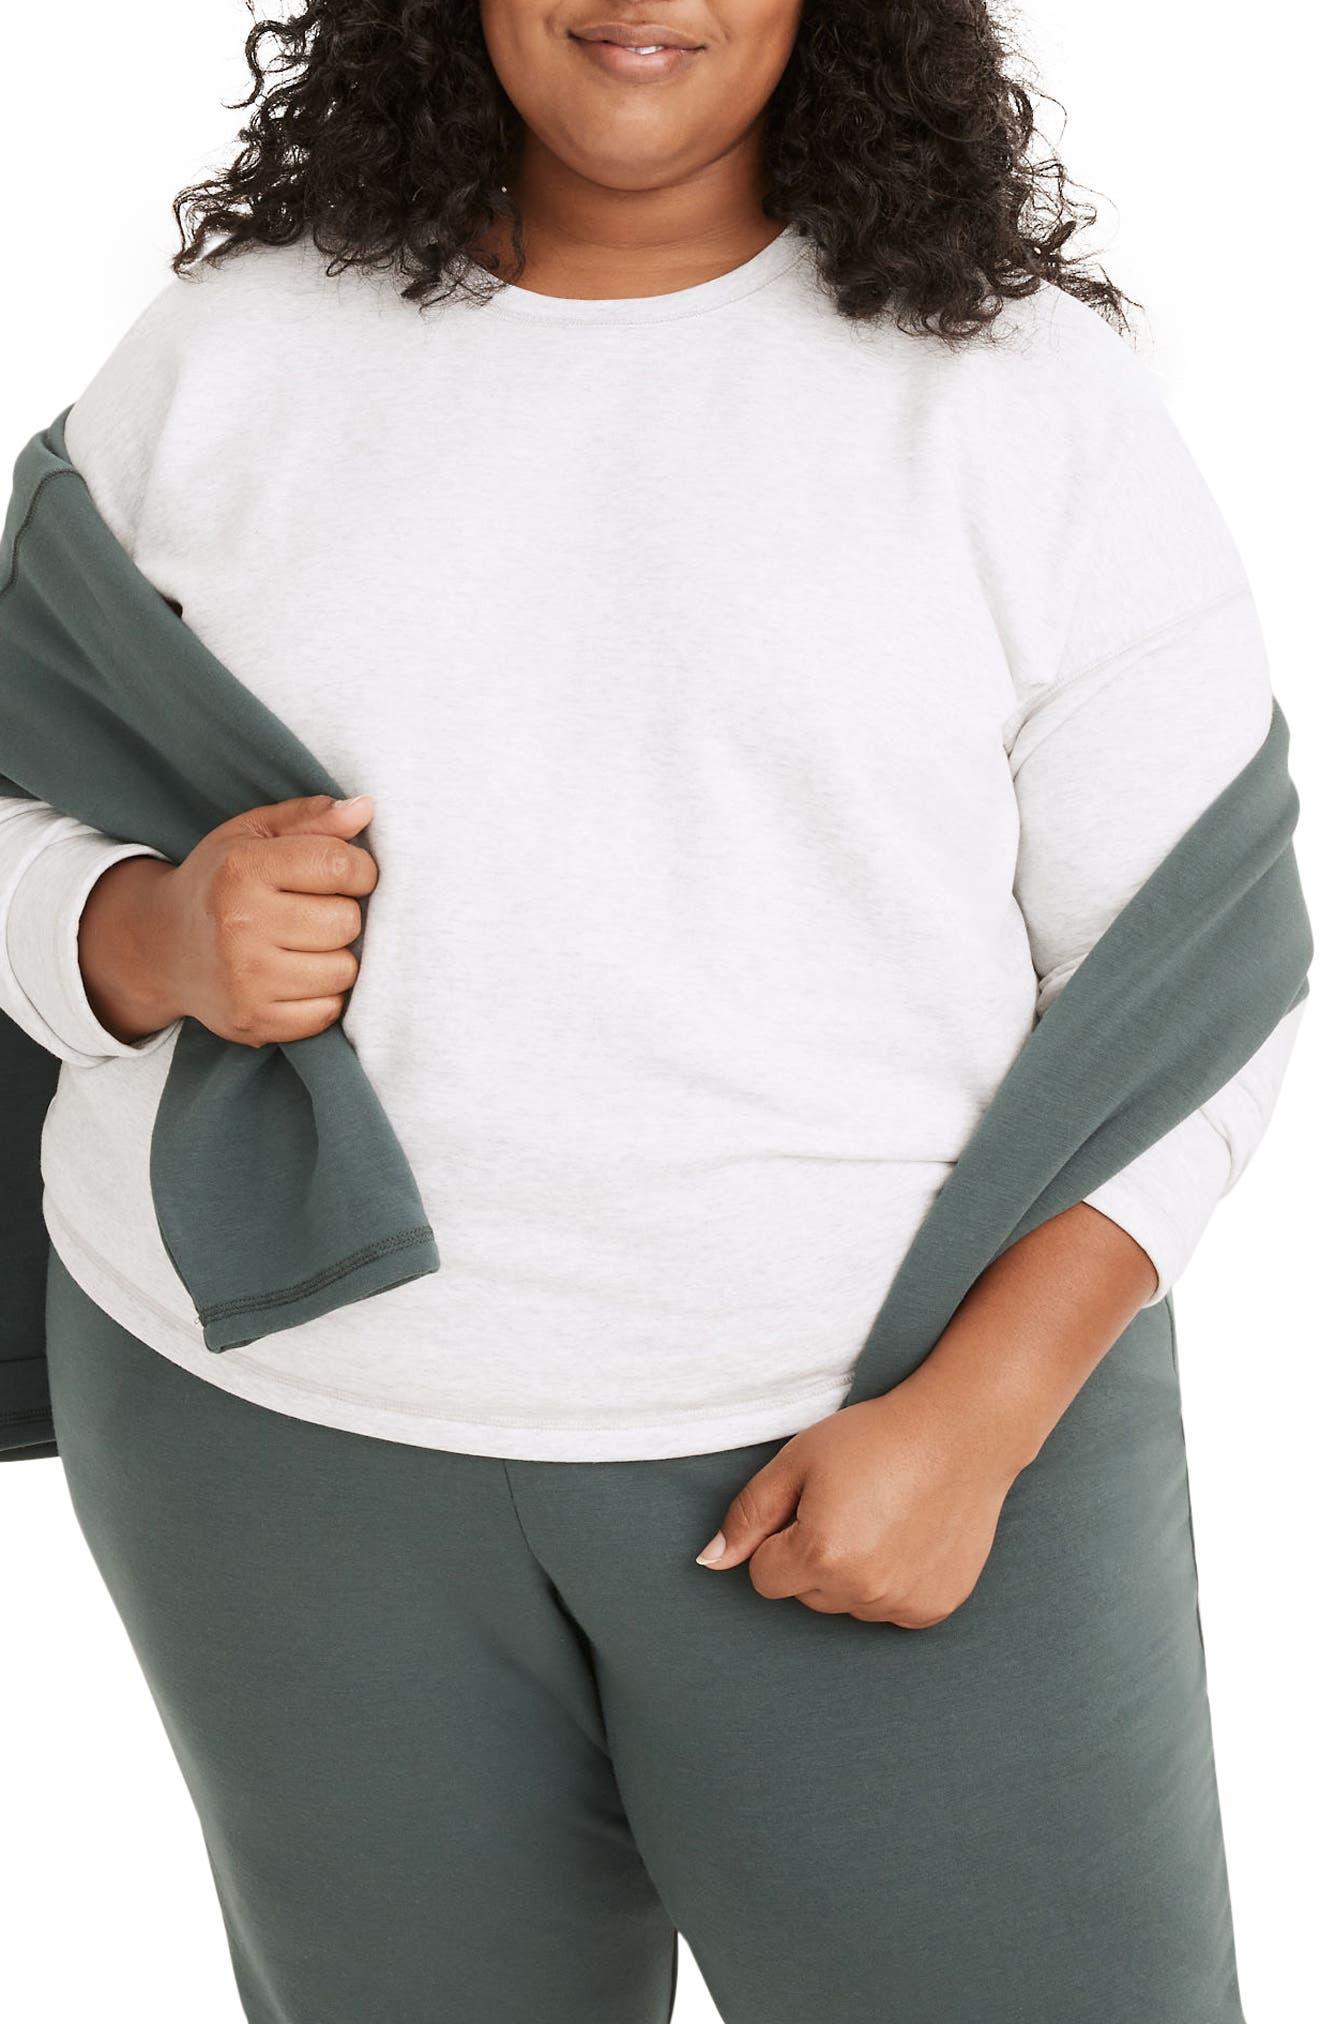 Superbrushed Easygoing Sweatshirt